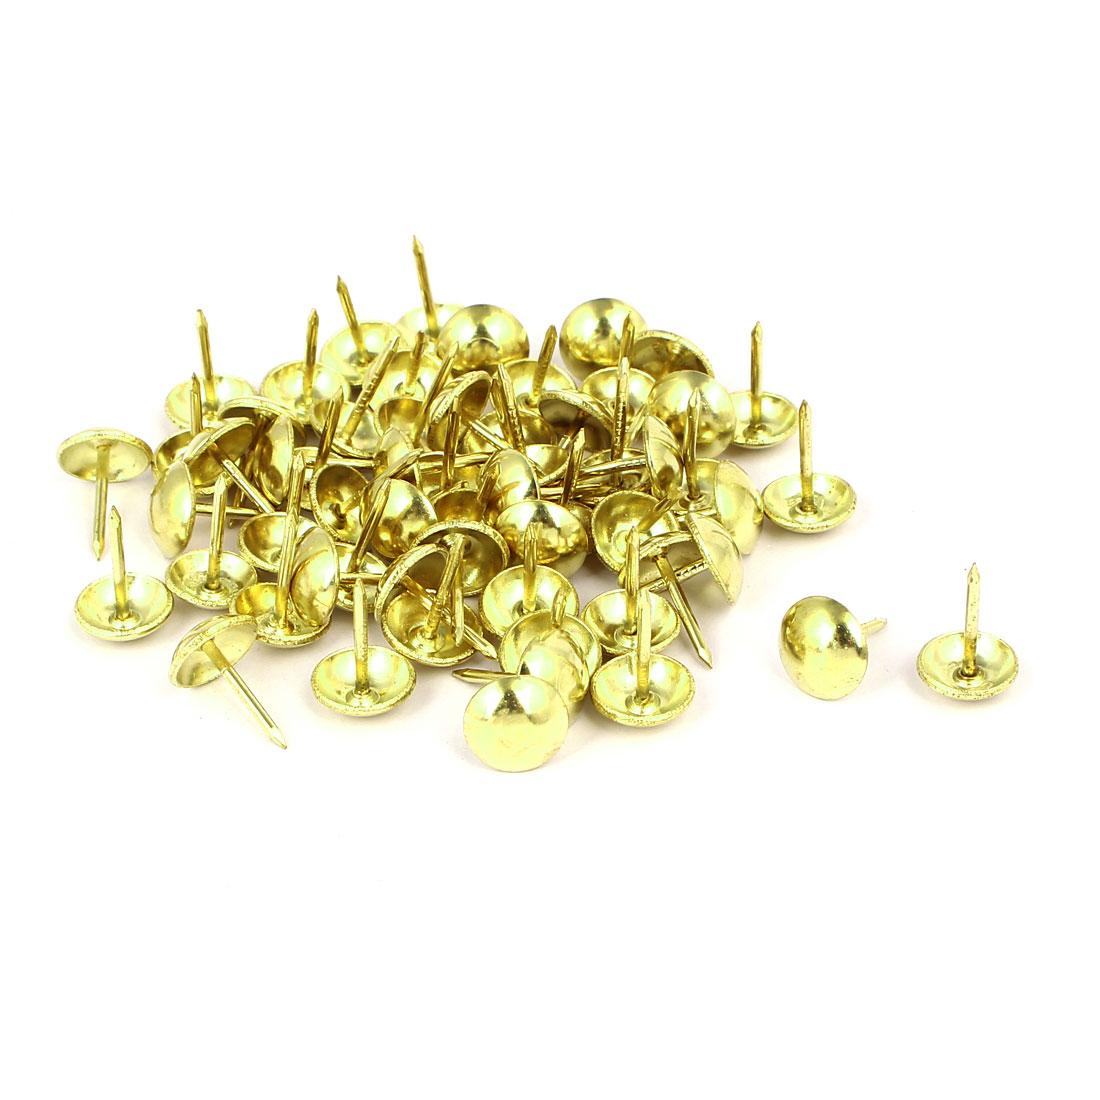 """7/16"""" Dia Round Head Upholstery Nail Tack Push Pin Thumbtack Gold Tone 60PCS"""